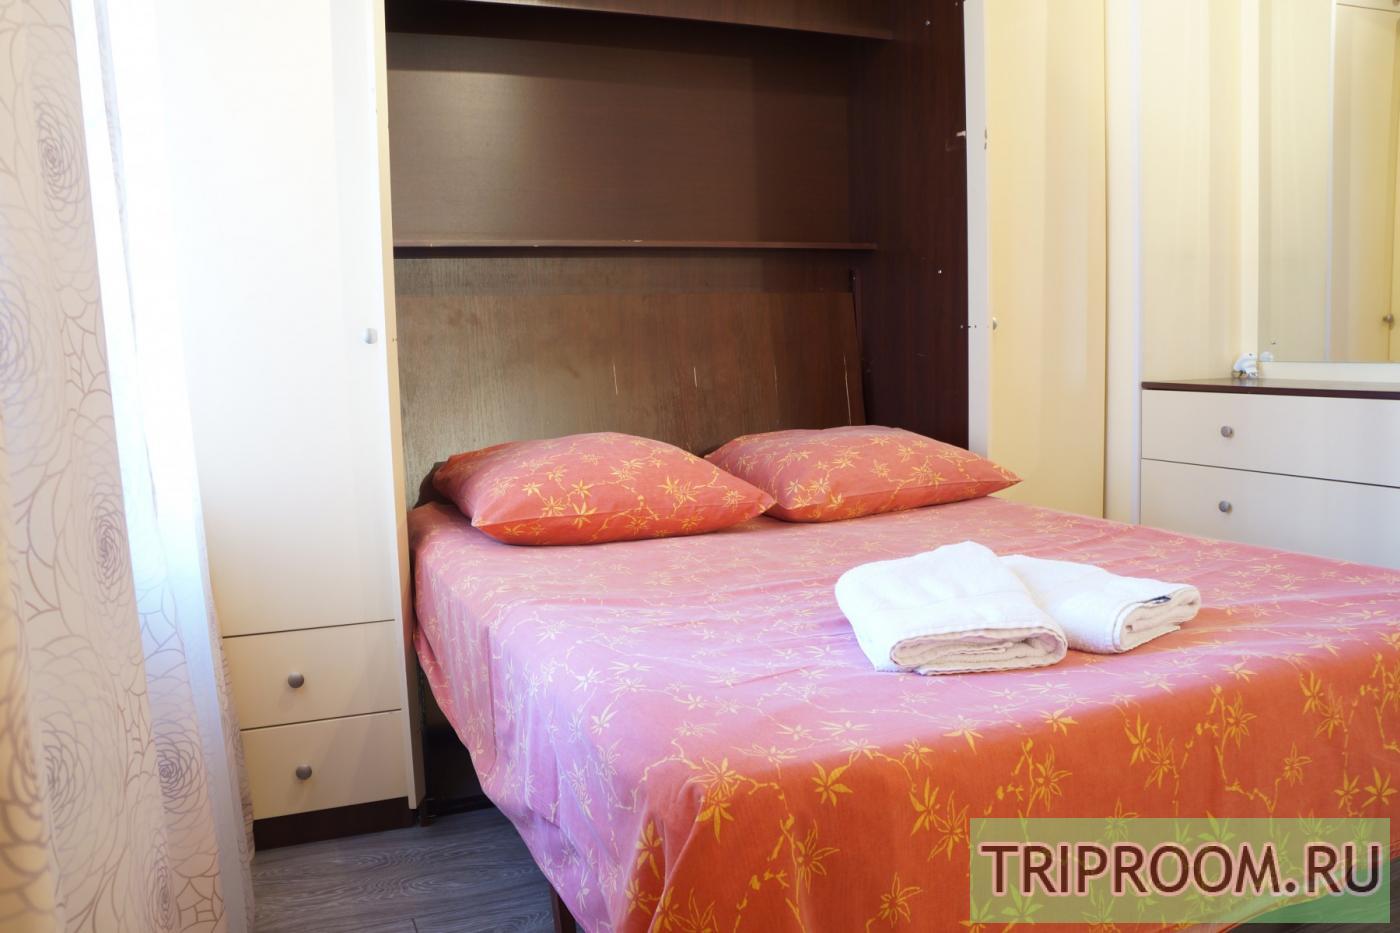 2-комнатная квартира посуточно (вариант № 28673), ул. Варшавская улица, фото № 12